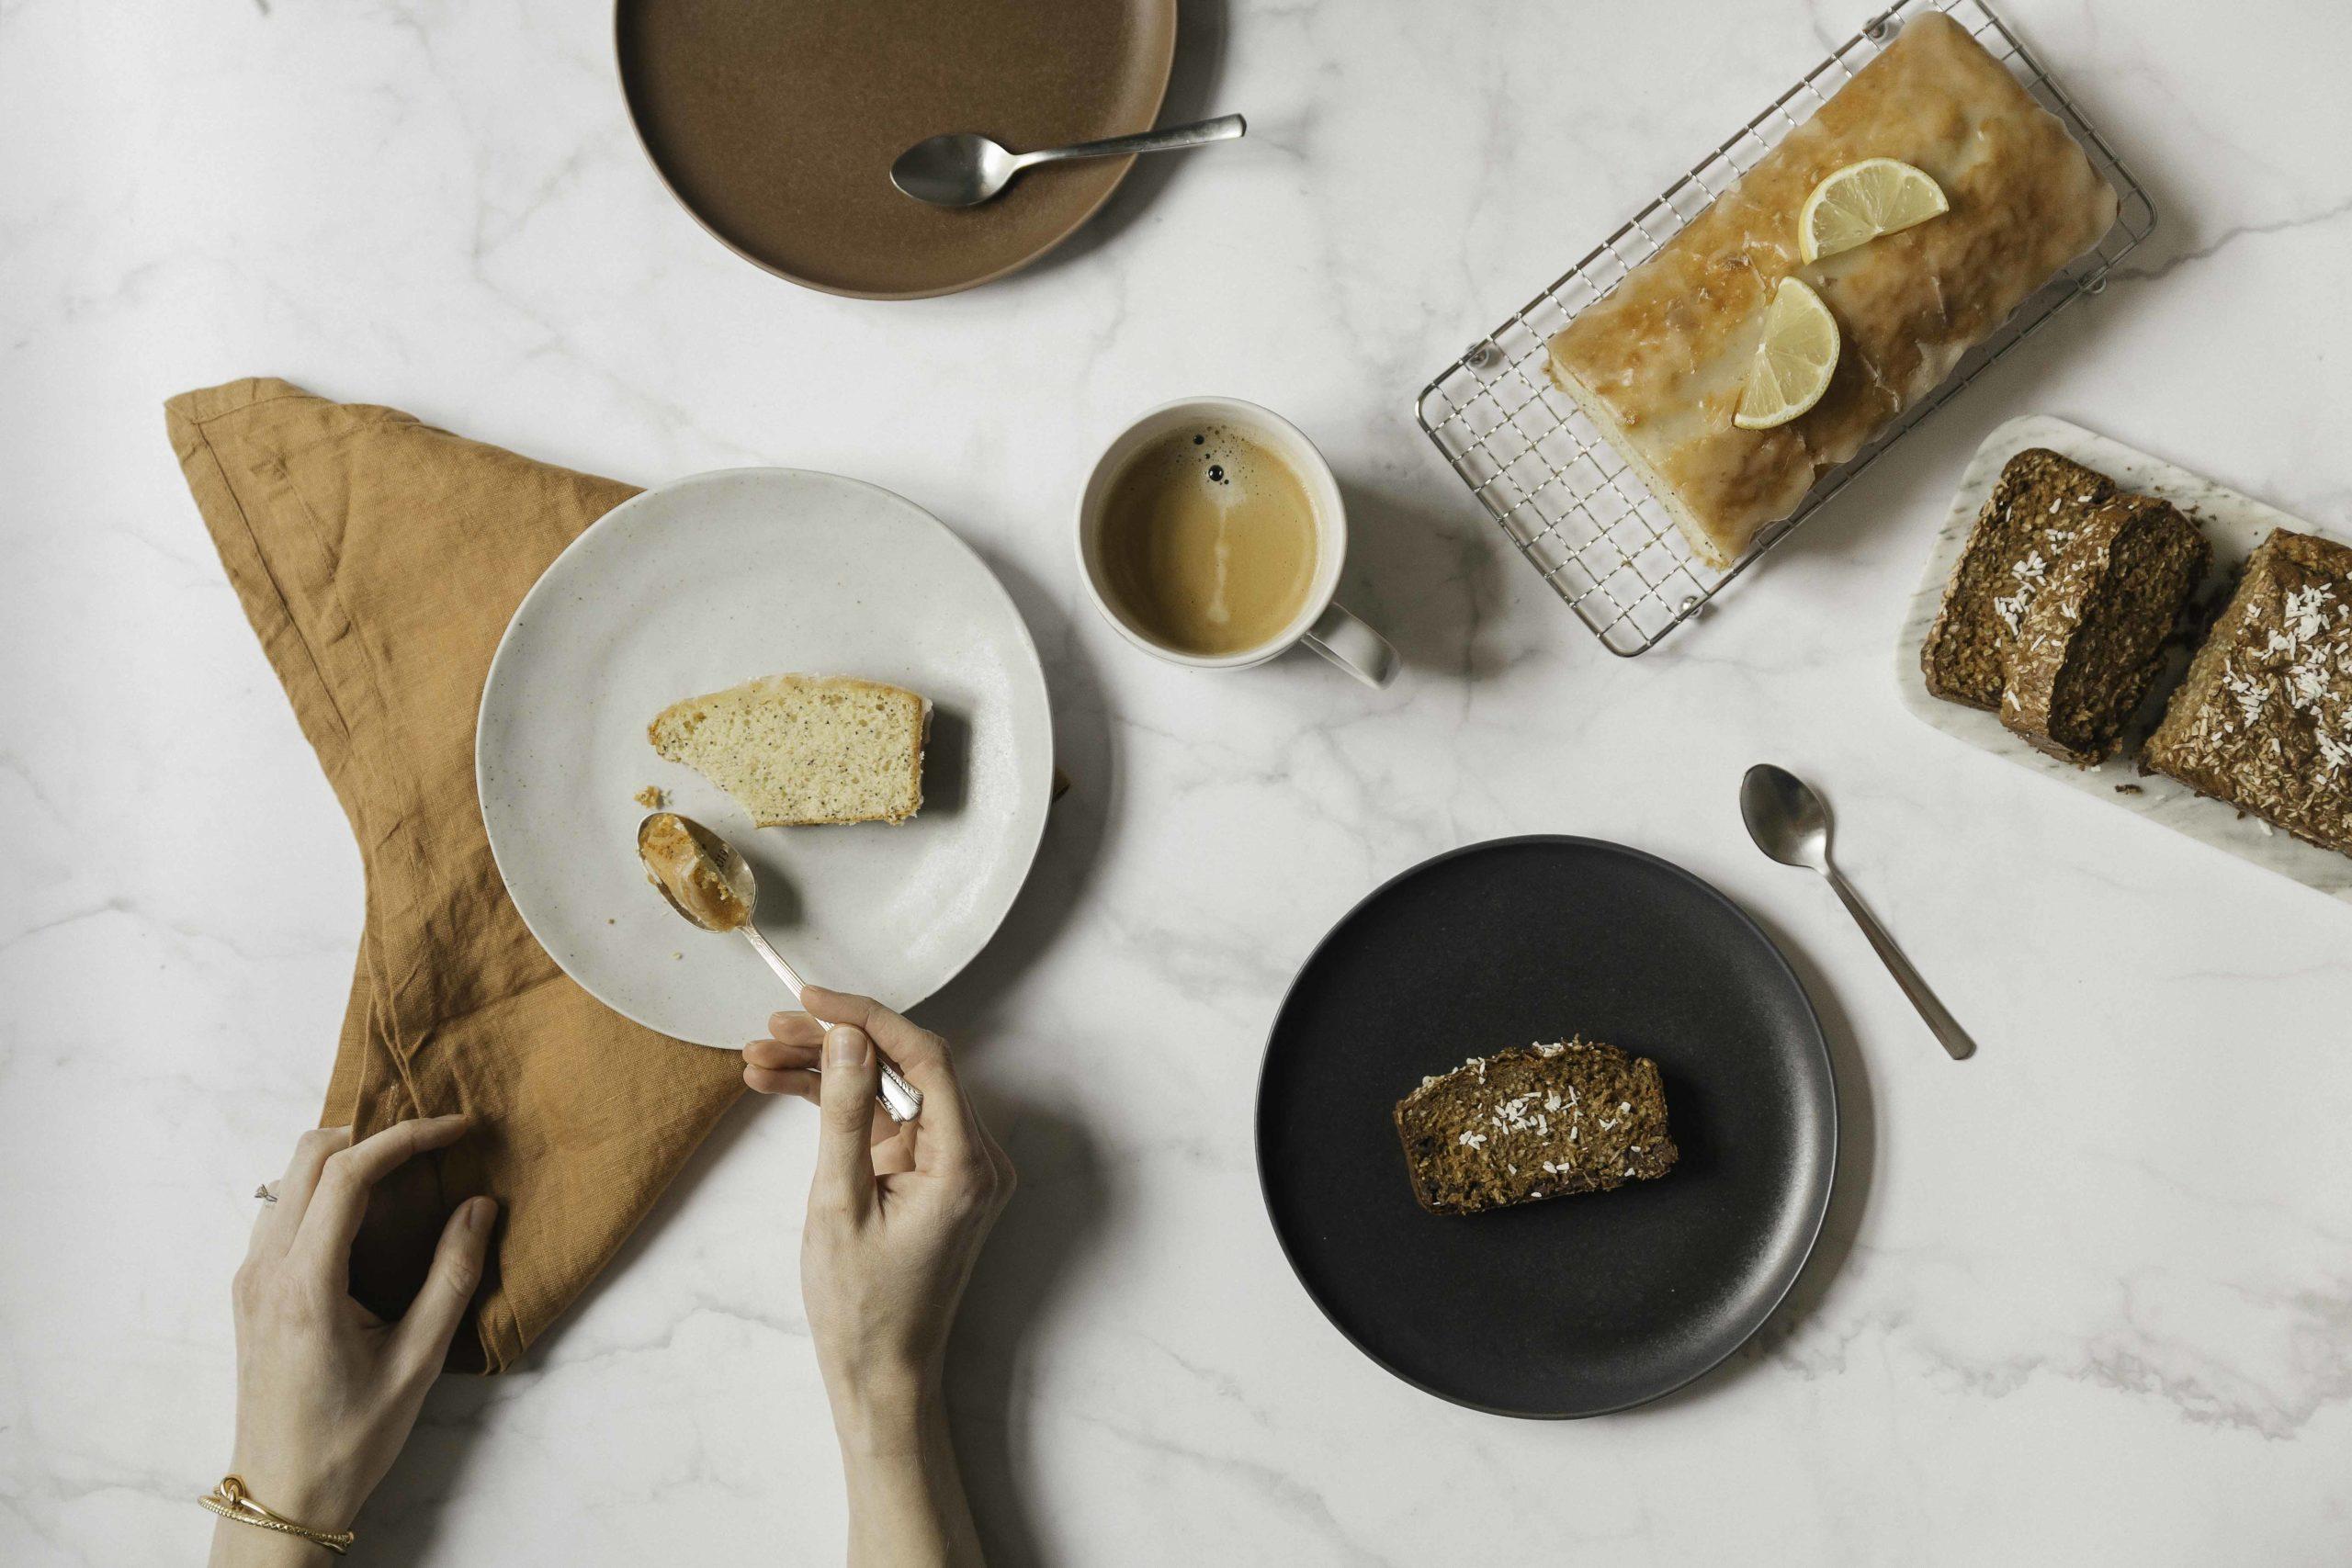 Tout un Cake · photographie d'une main qui prends une bouchée de cake